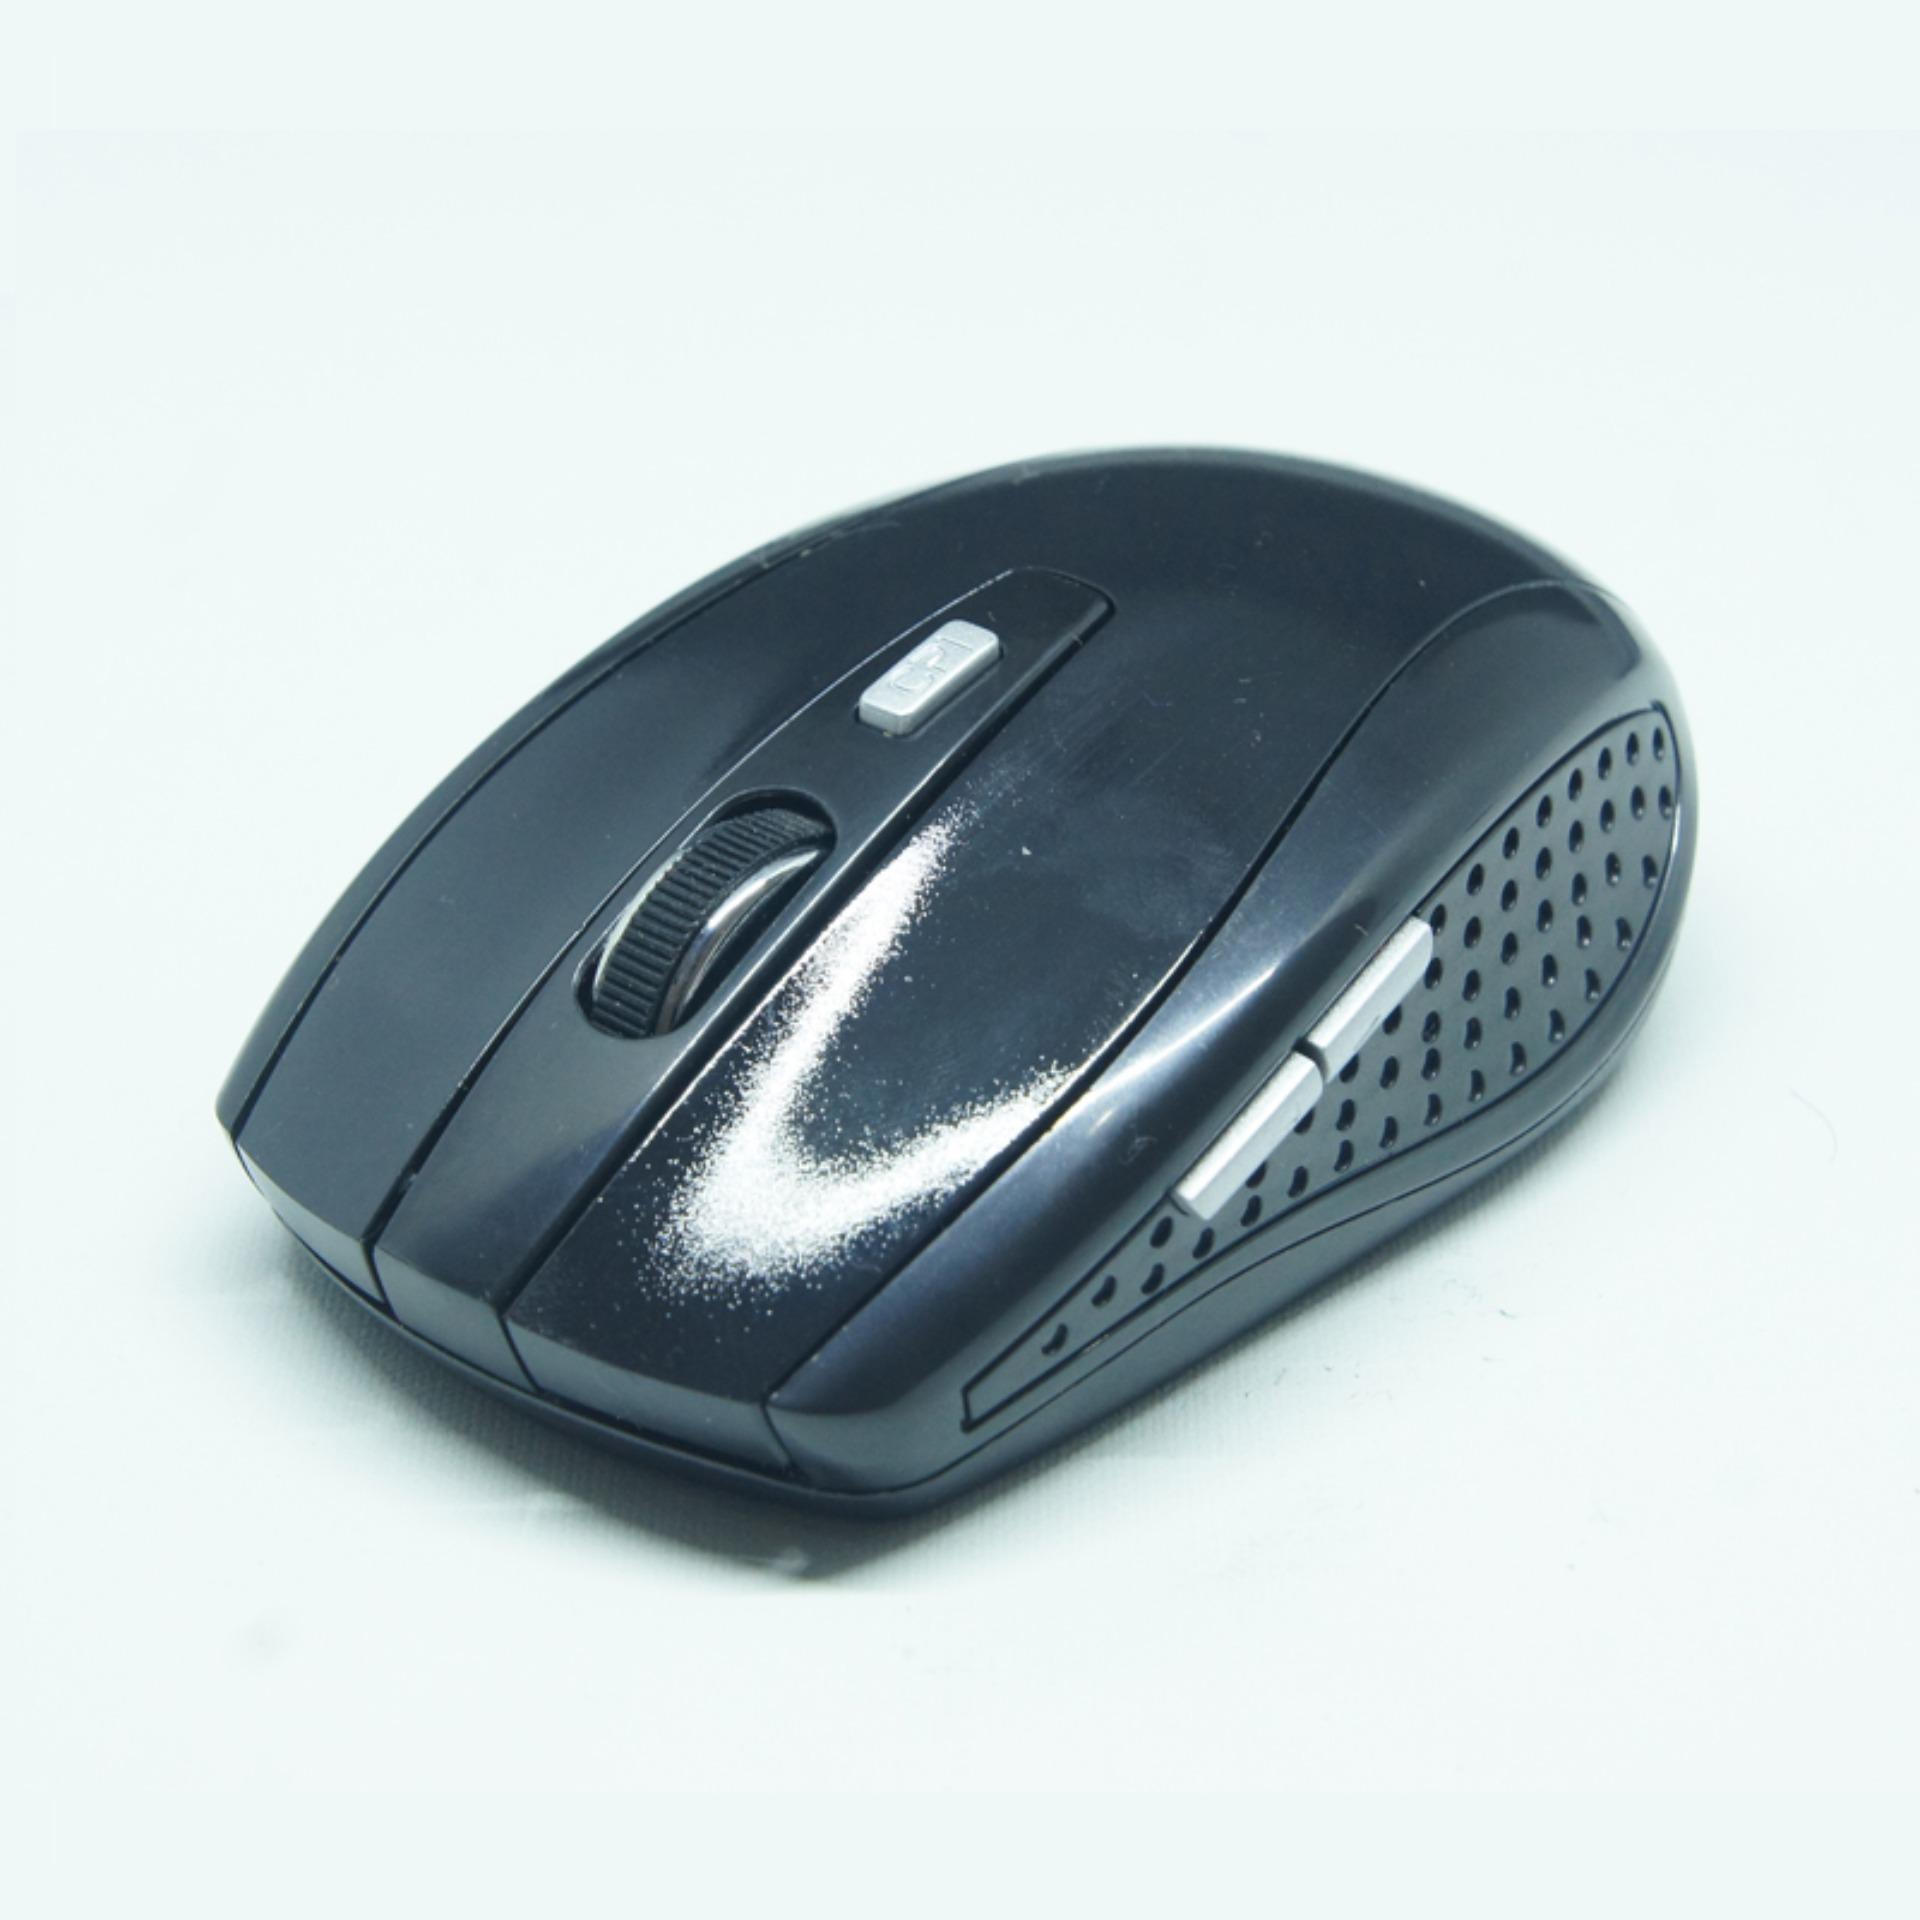 Mouse nirkabel Wireless 083 Hitam - 5 .